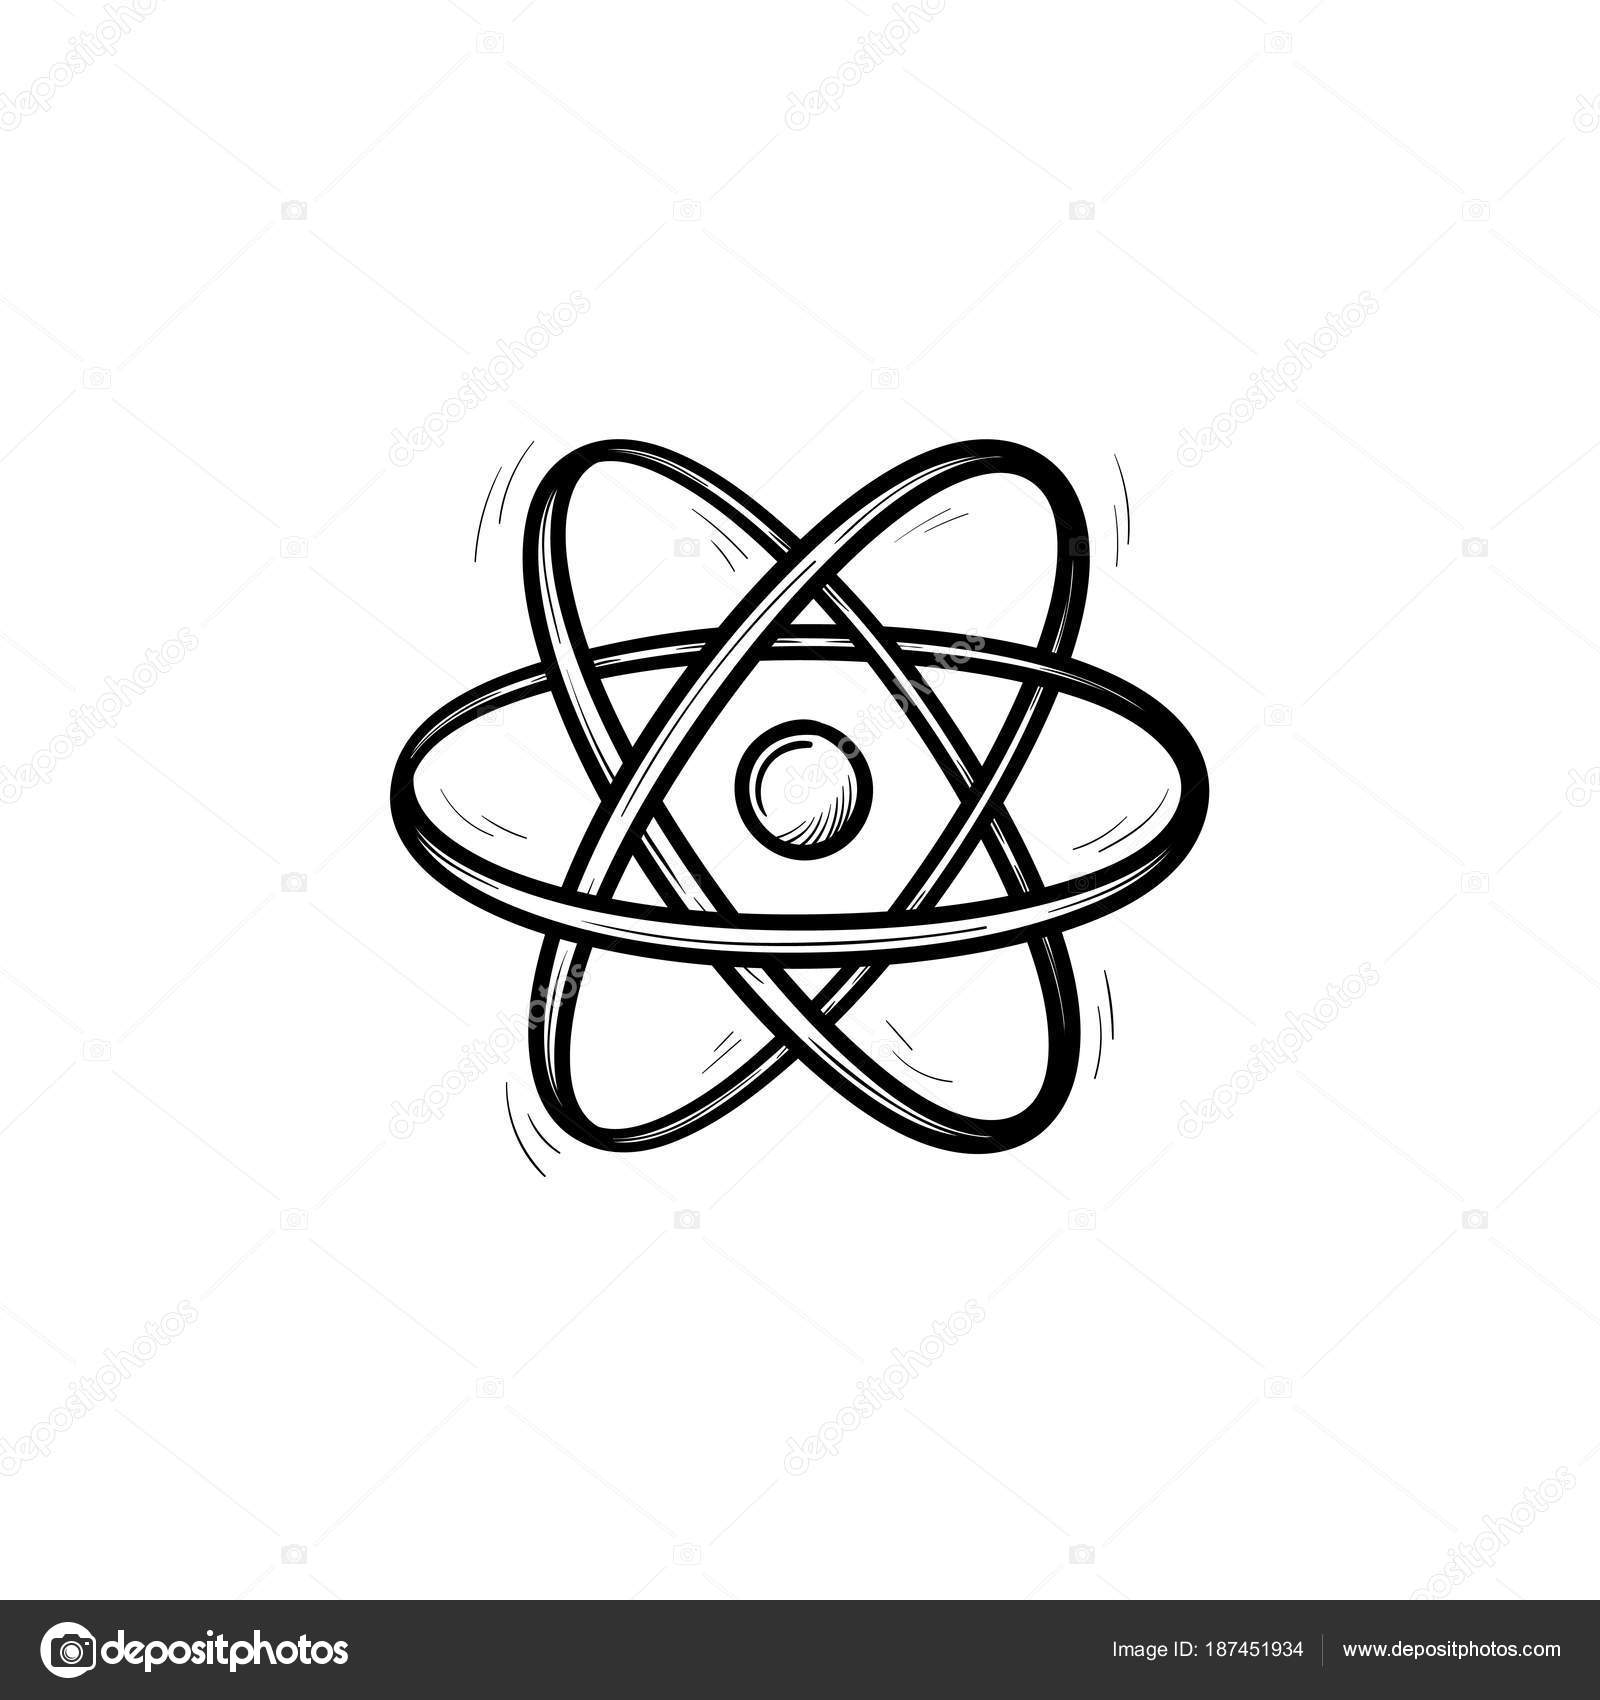 Elektronische Atom Handsymbol gezeichnete Skizze — Stockvektor ...